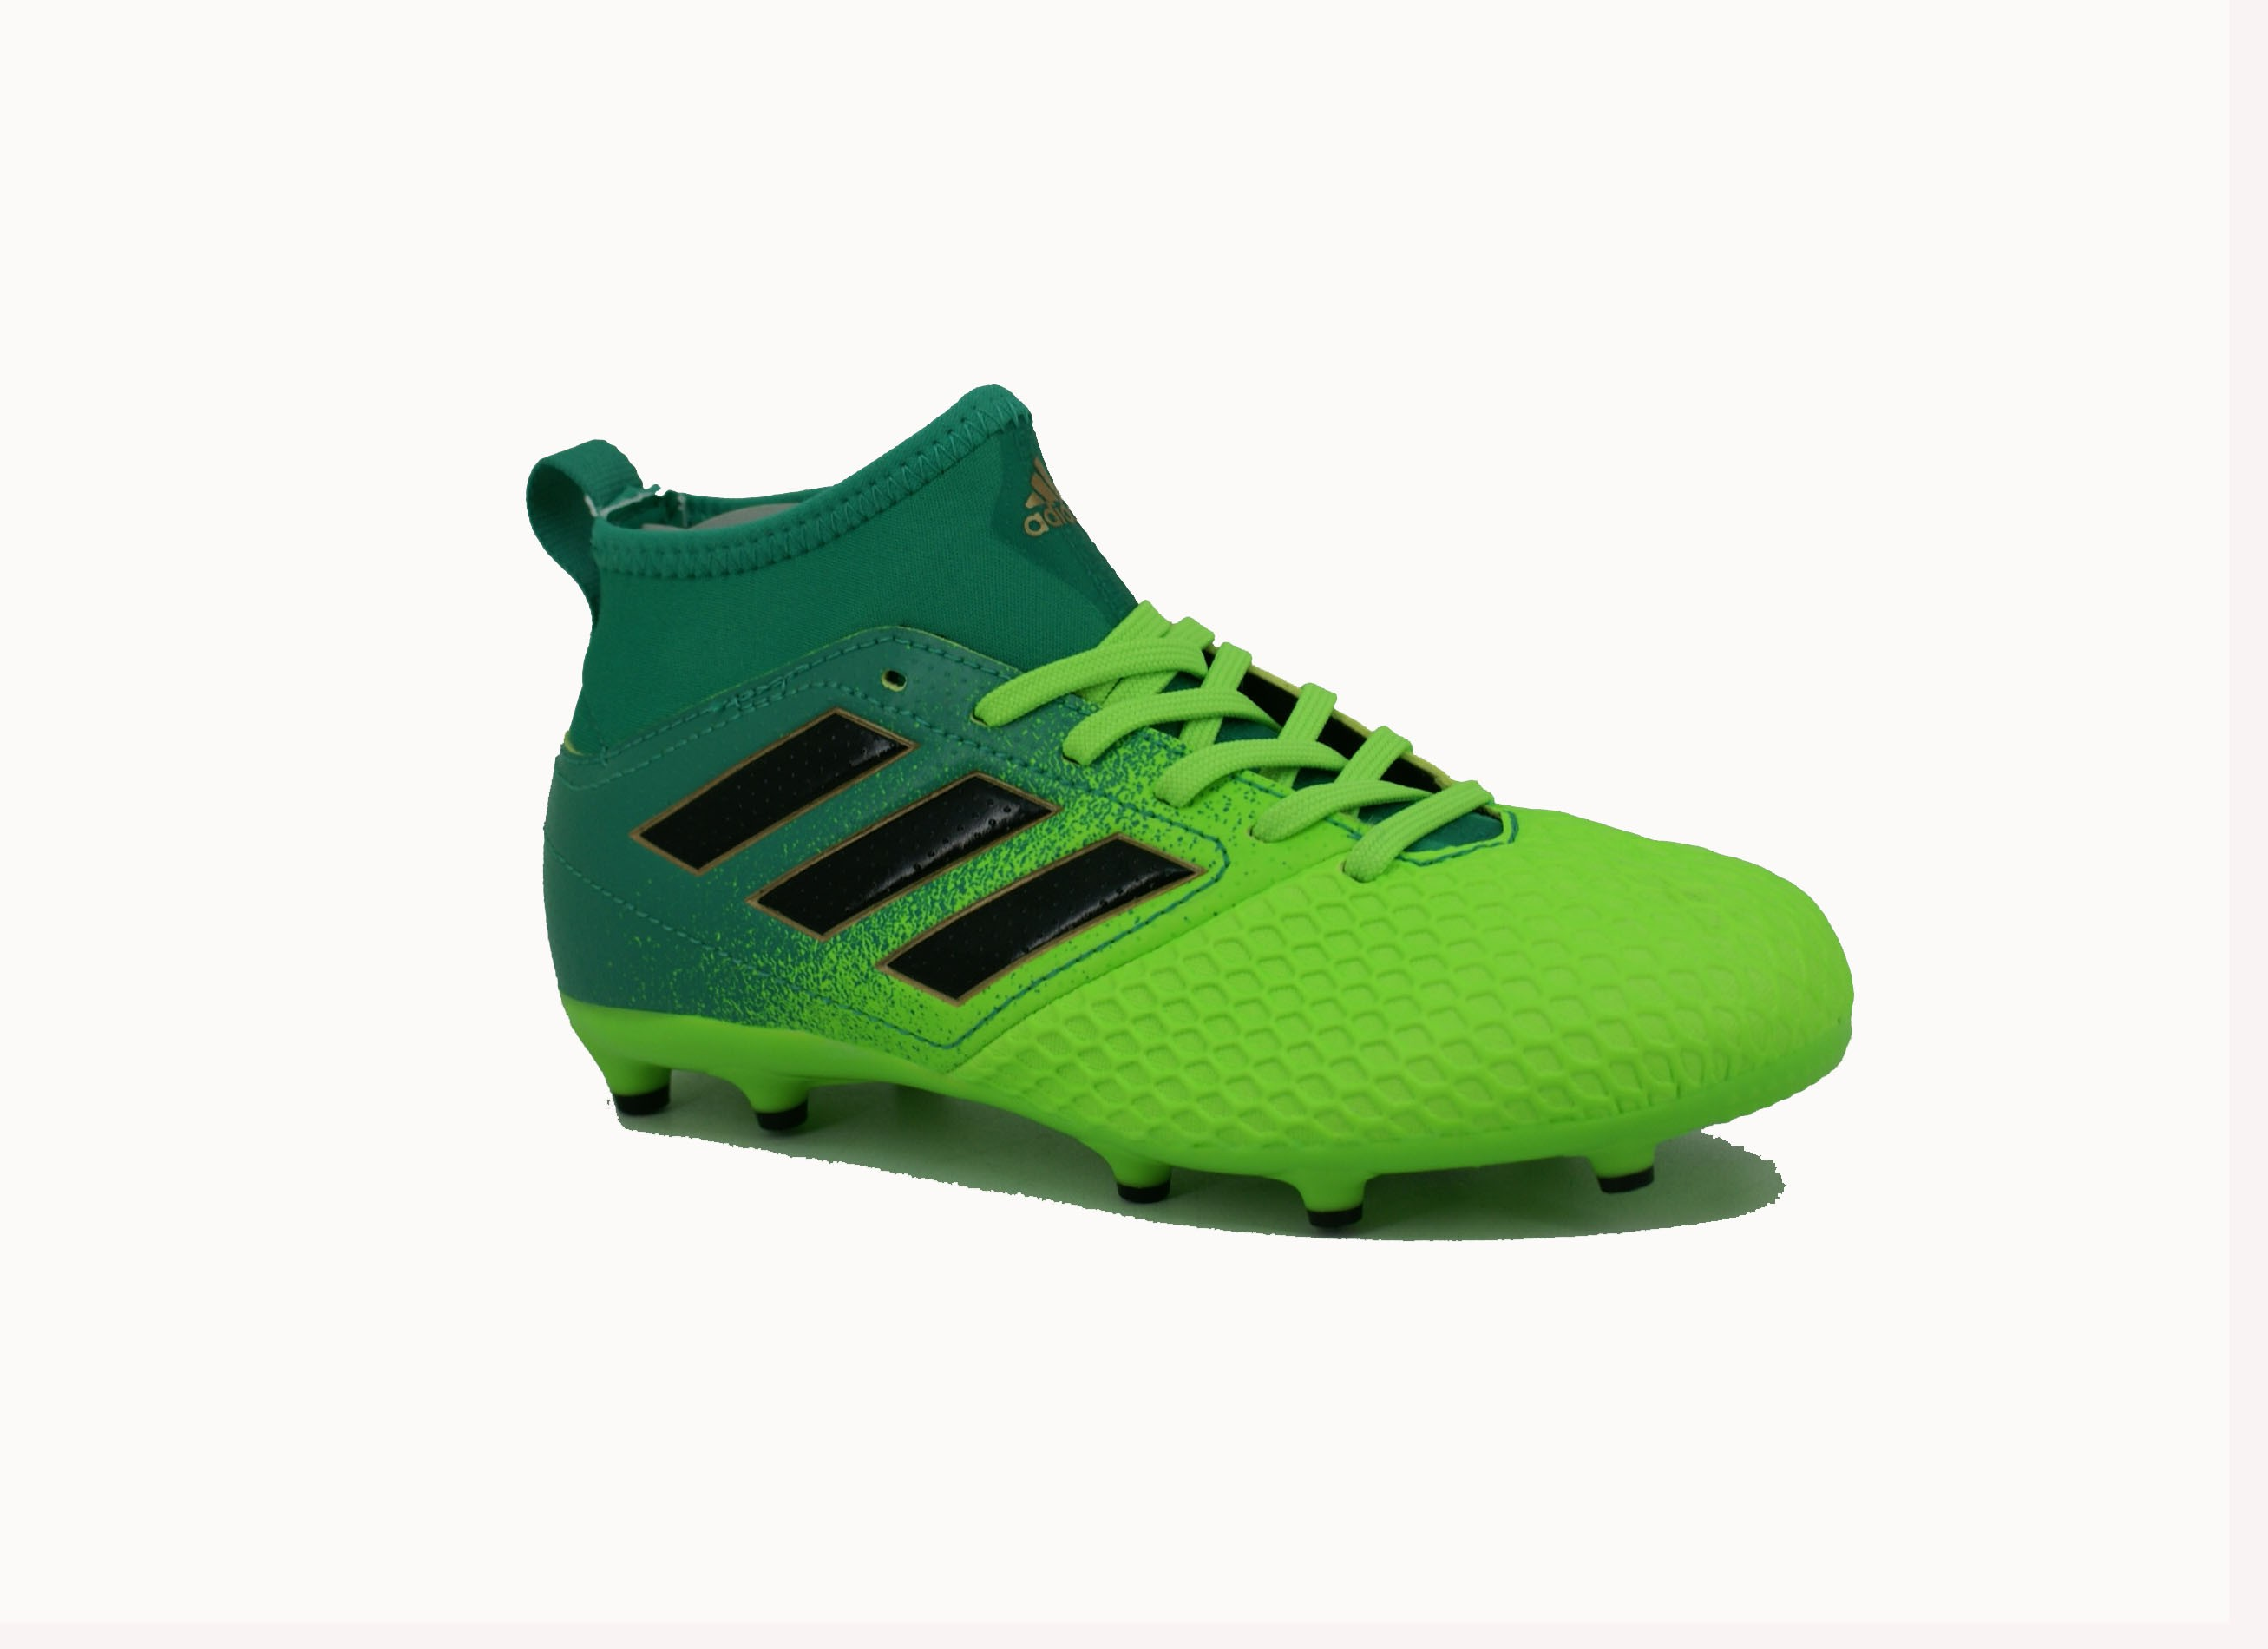 Botin Adidas Fijo Ace 17.3 Verde Negro Niño Deporfan - Zapatillas - E ... 1b855dfbb209c